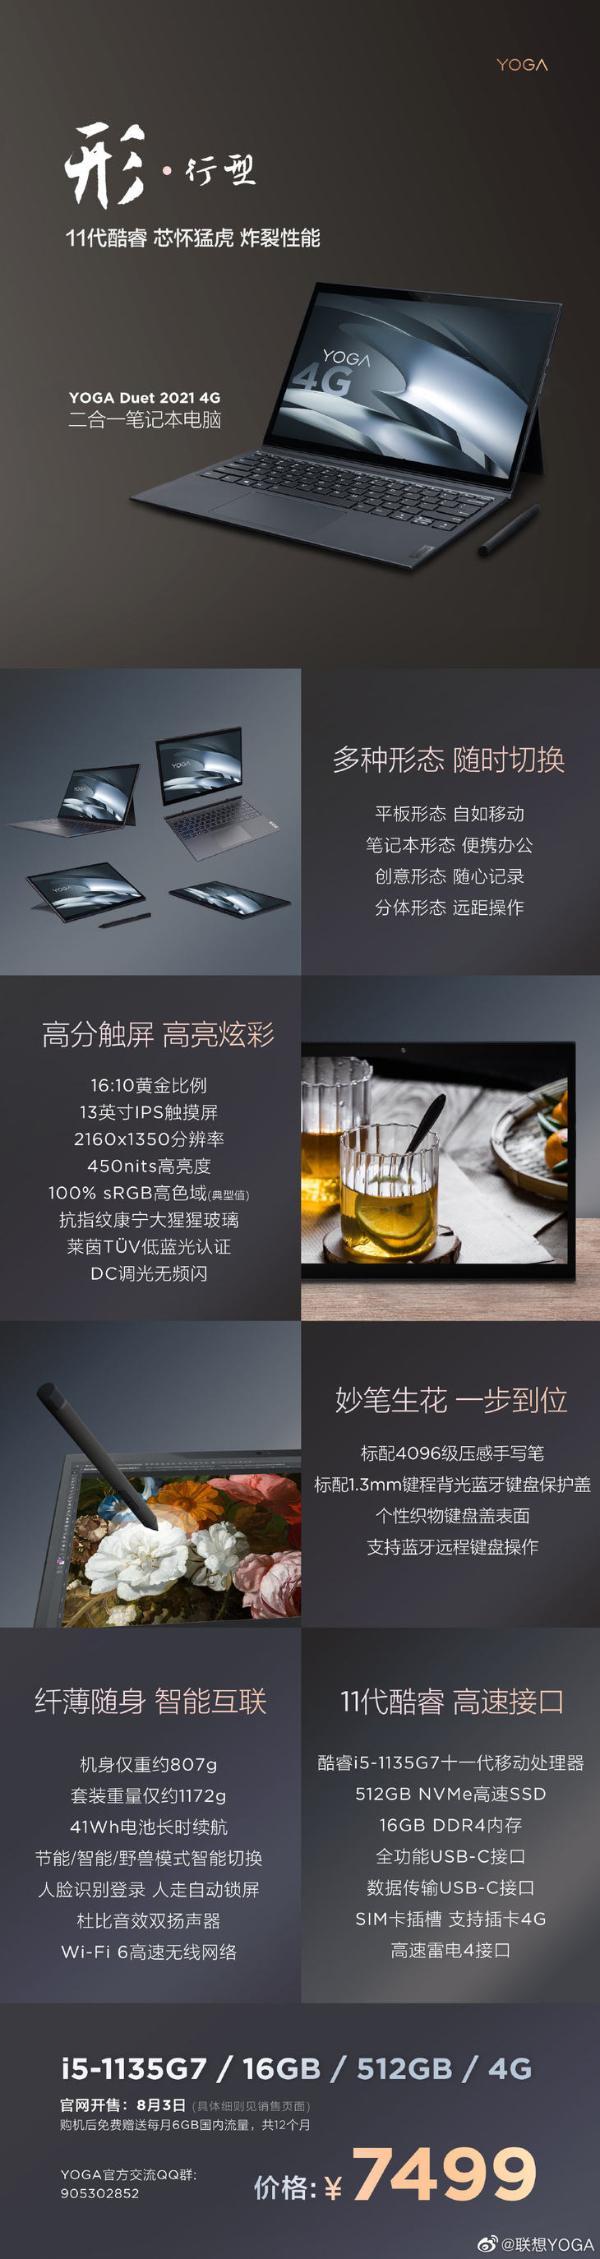 联想YOGA Duet 2021 4G将于8月3日开售